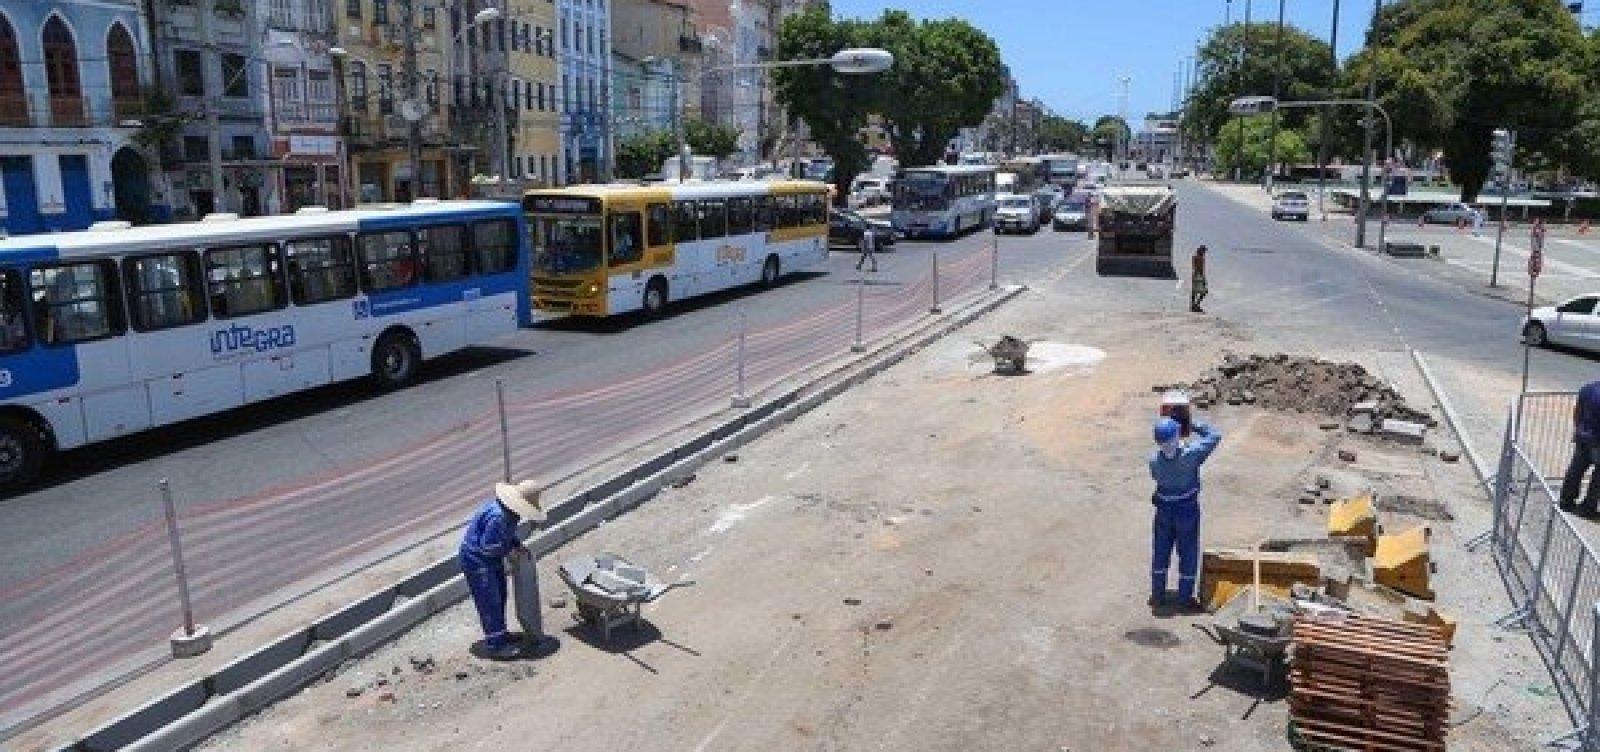 Tráfego de veículos será alterado no Comércio devido a obras na Praça Cairu